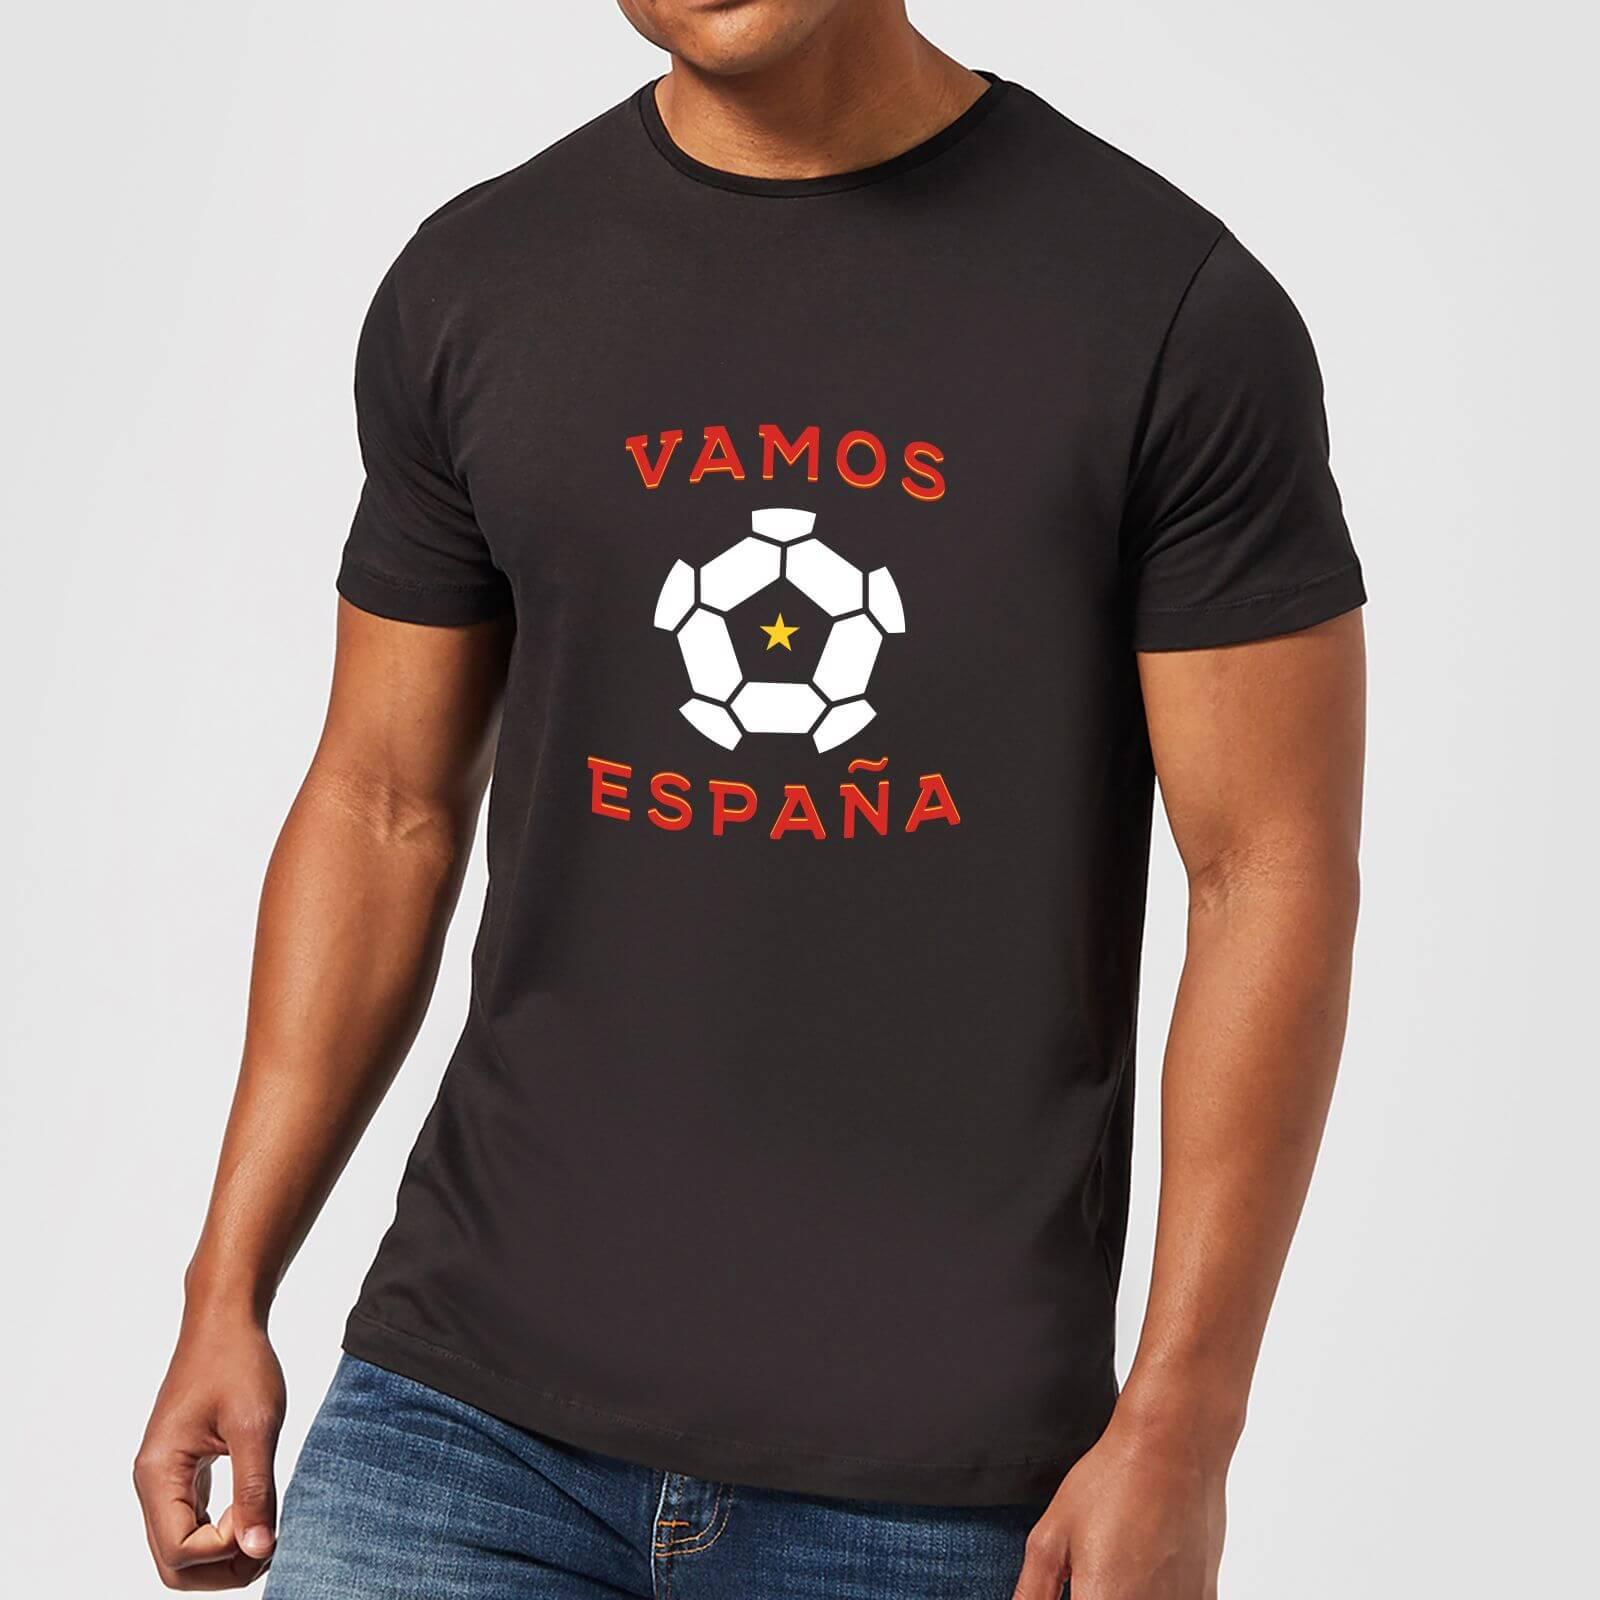 a95a73bec2 Vamos Espana Men s T-Shirt - Black Clothing